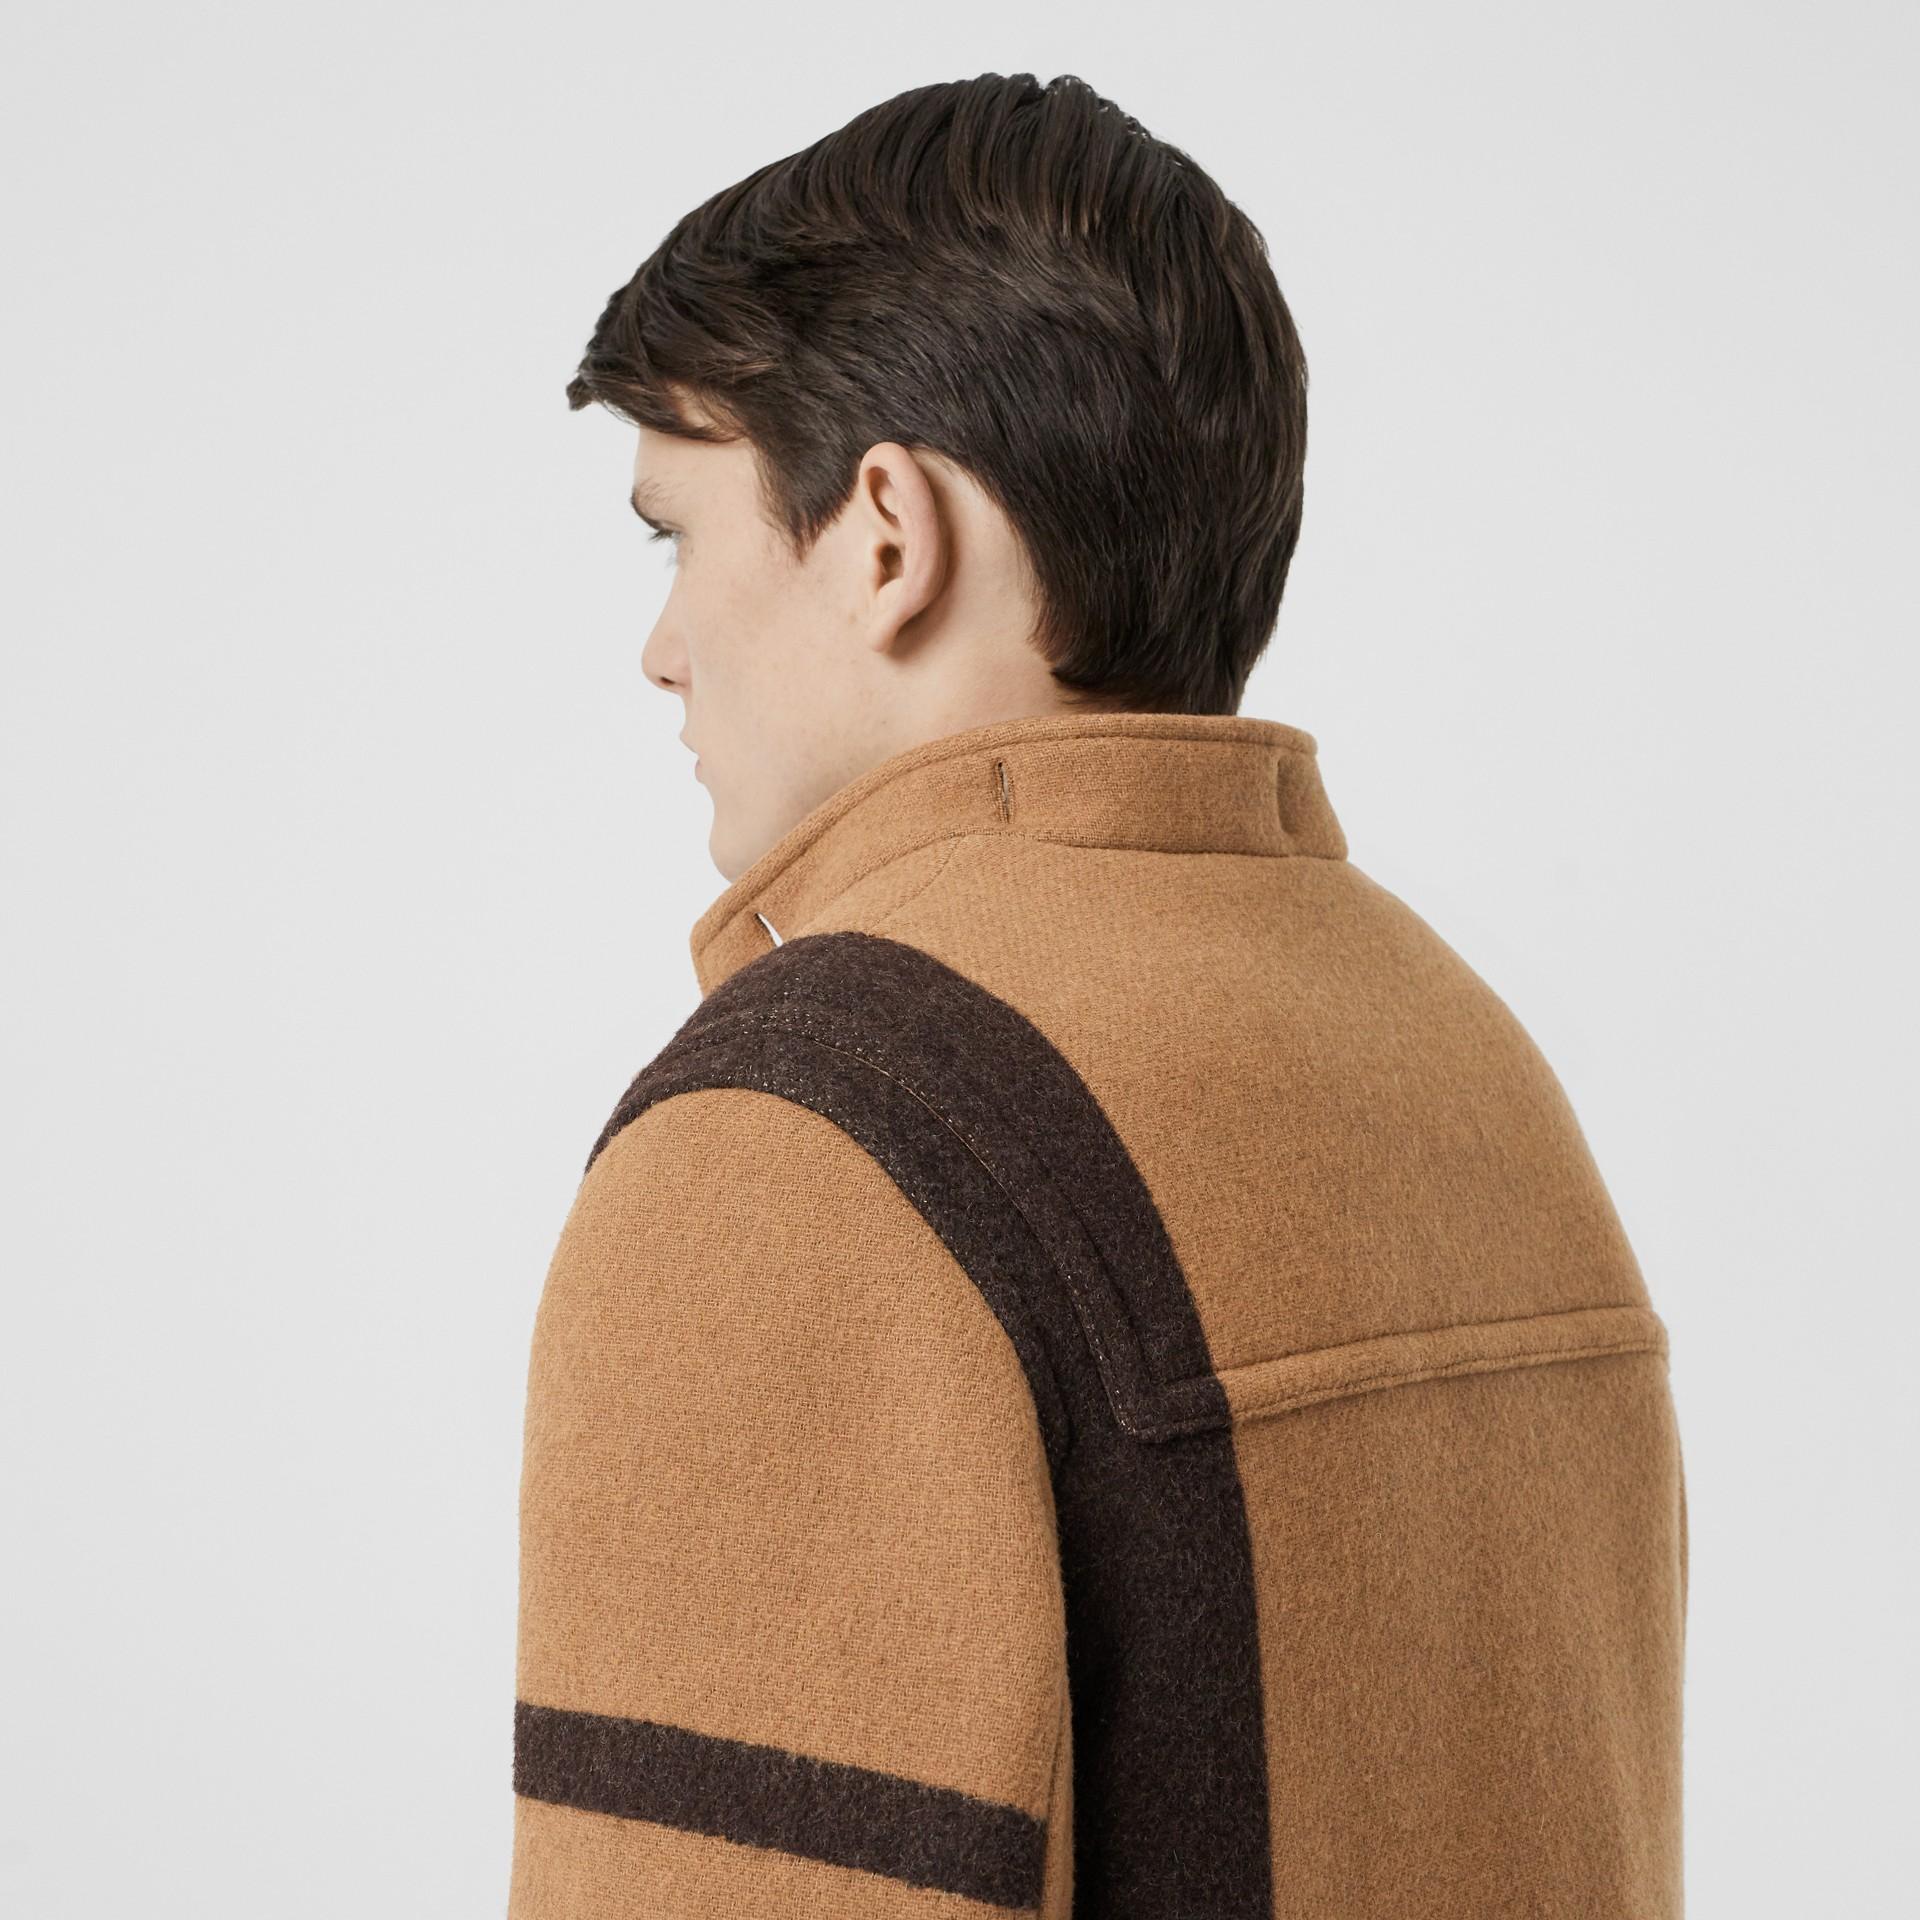 패널 울 더플 코트 (웜 카멜) - 남성 | Burberry - 갤러리 이미지 4